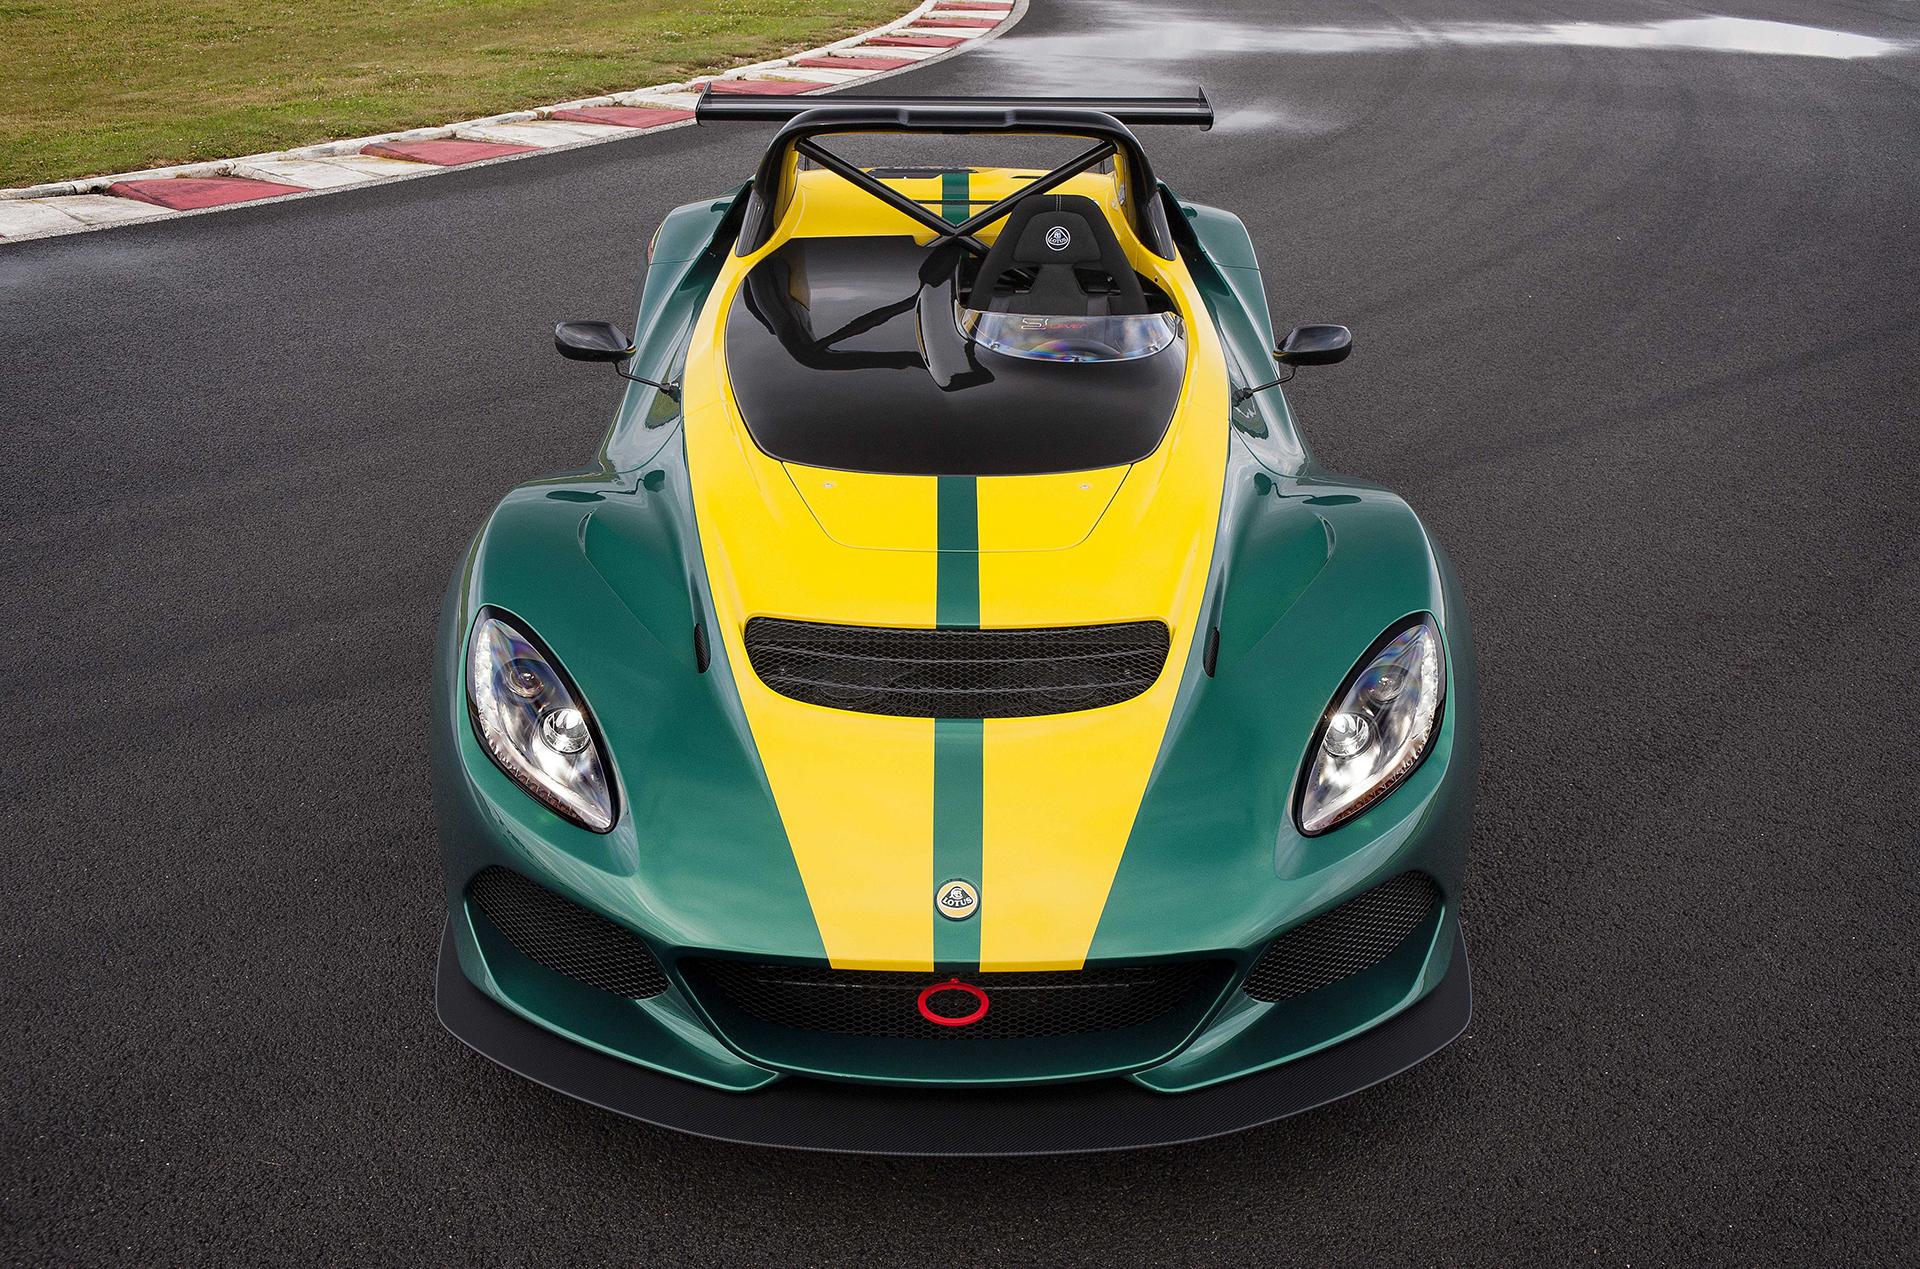 Lotus Cars 3-Eleven - avant / front